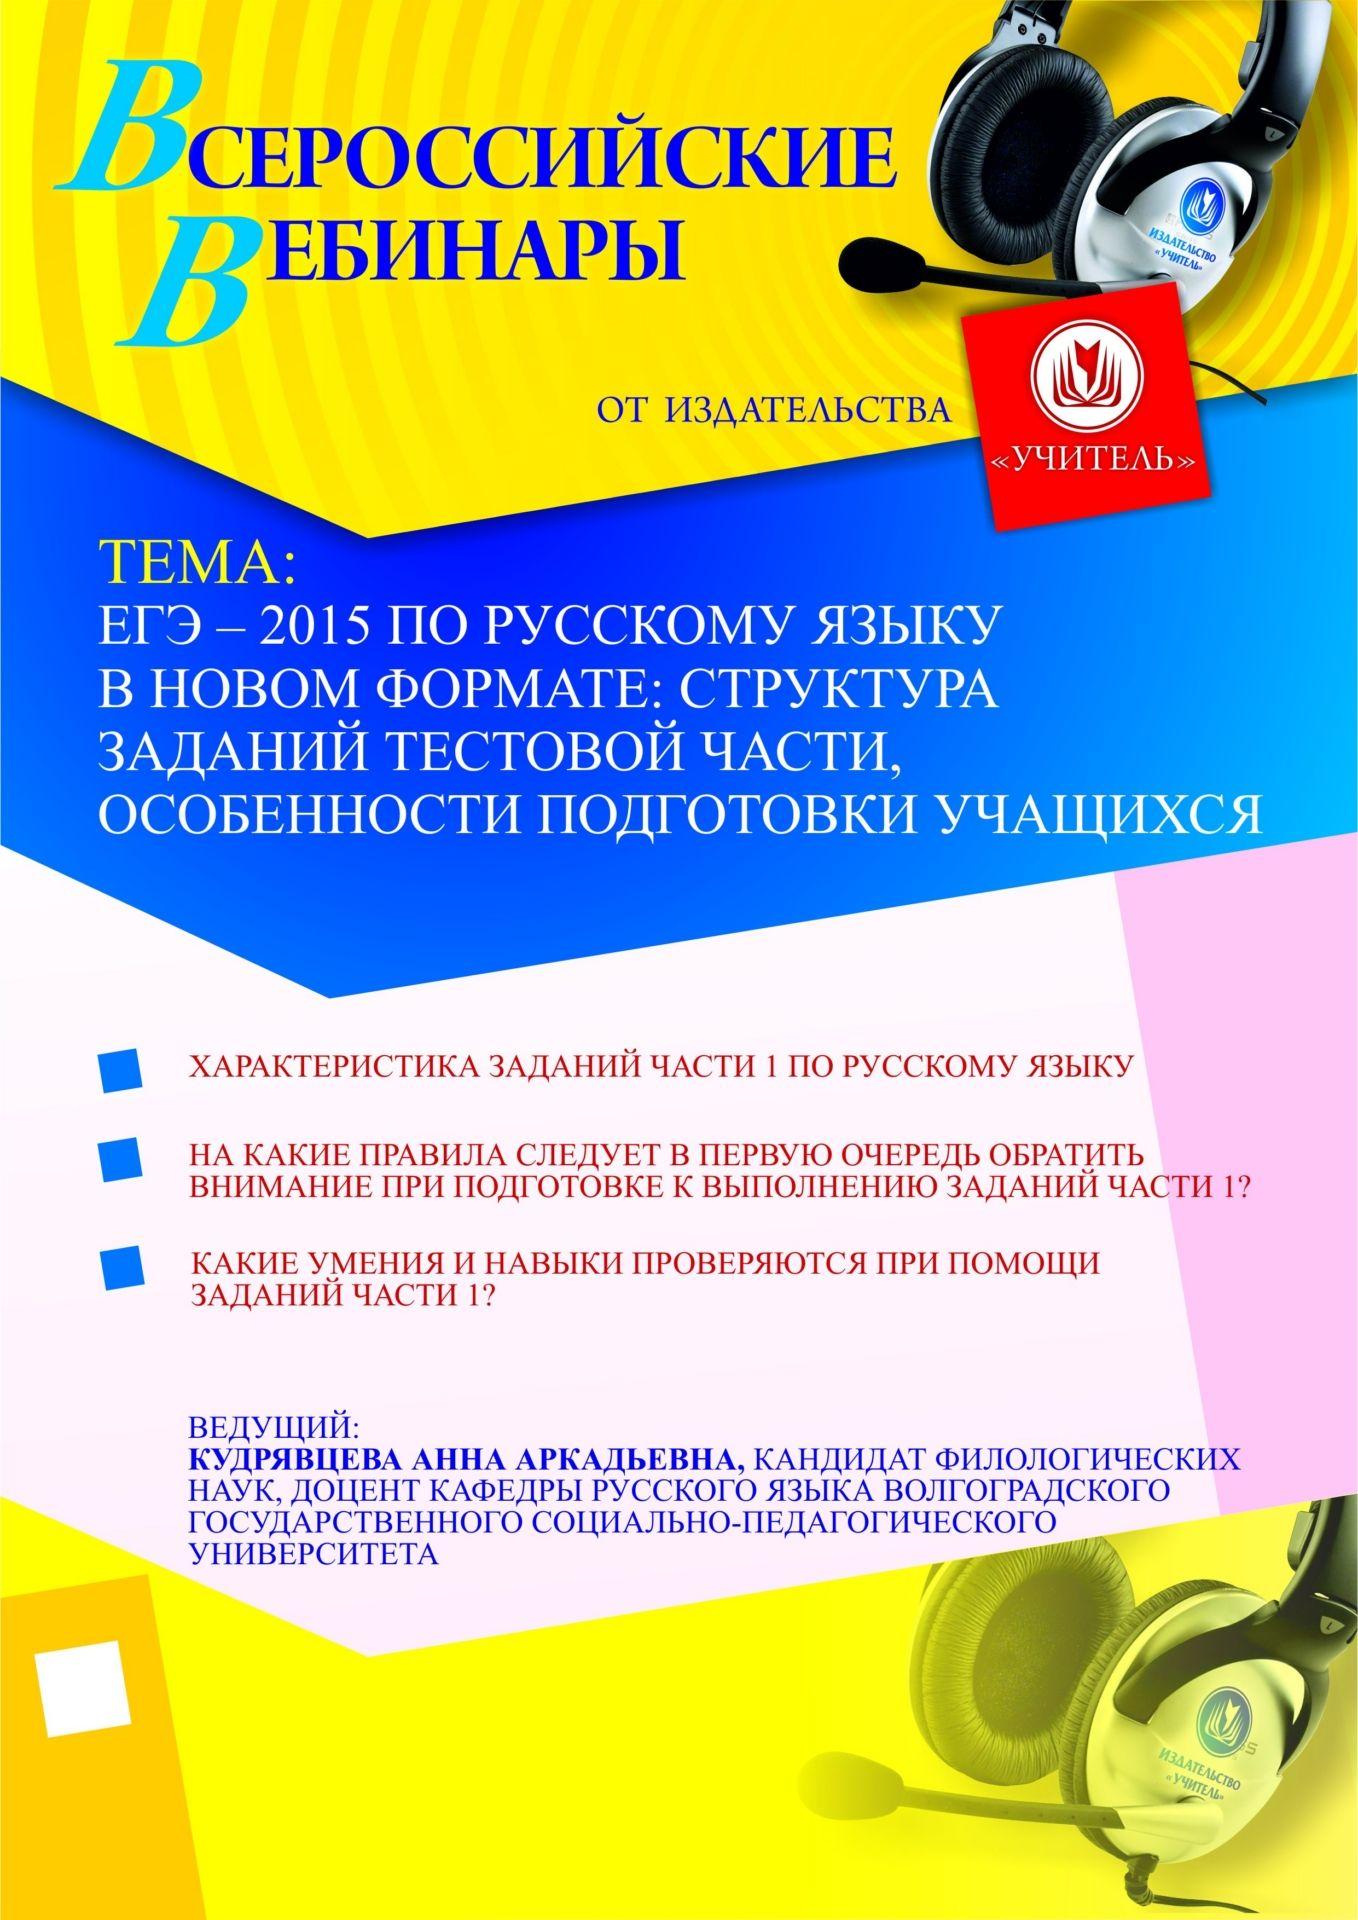 ЕГЭ – 2015 по русскому языку в новом формате: структура заданий тестовой части, особенности подготовки учащихся фото